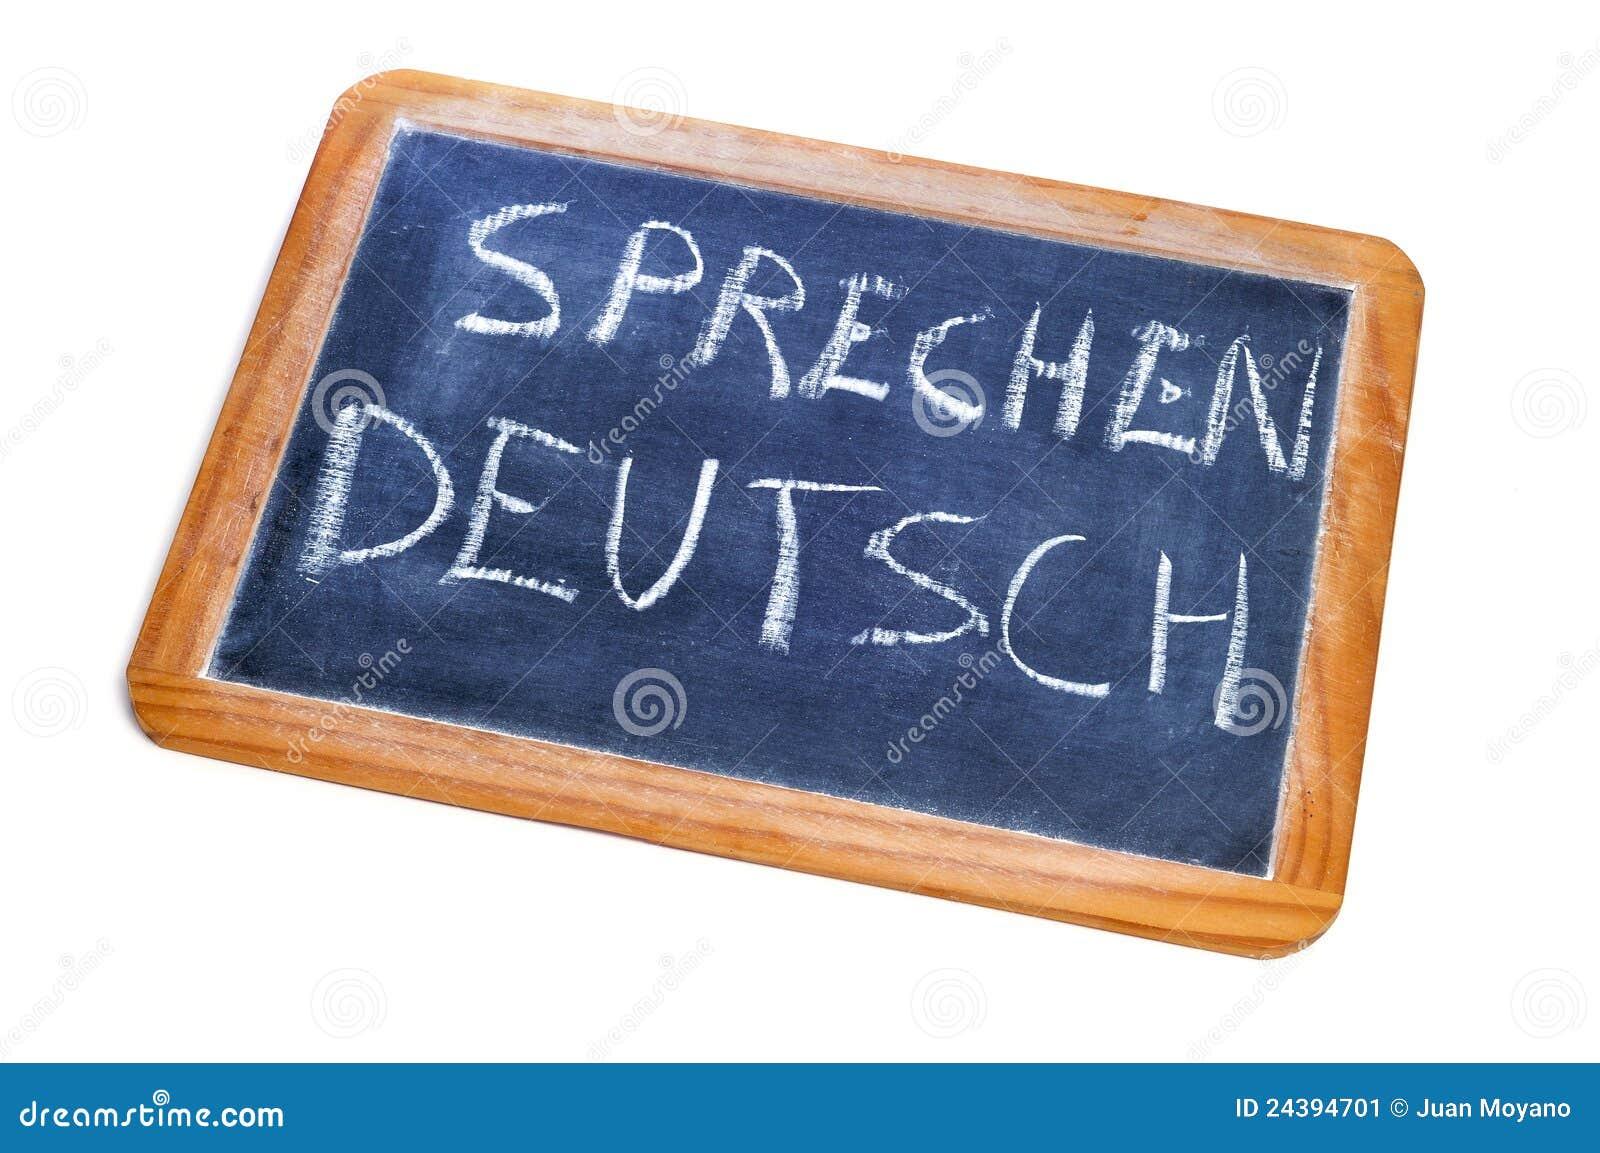 Sprechen Deutsch Tedesco è Parlato Immagine Stock